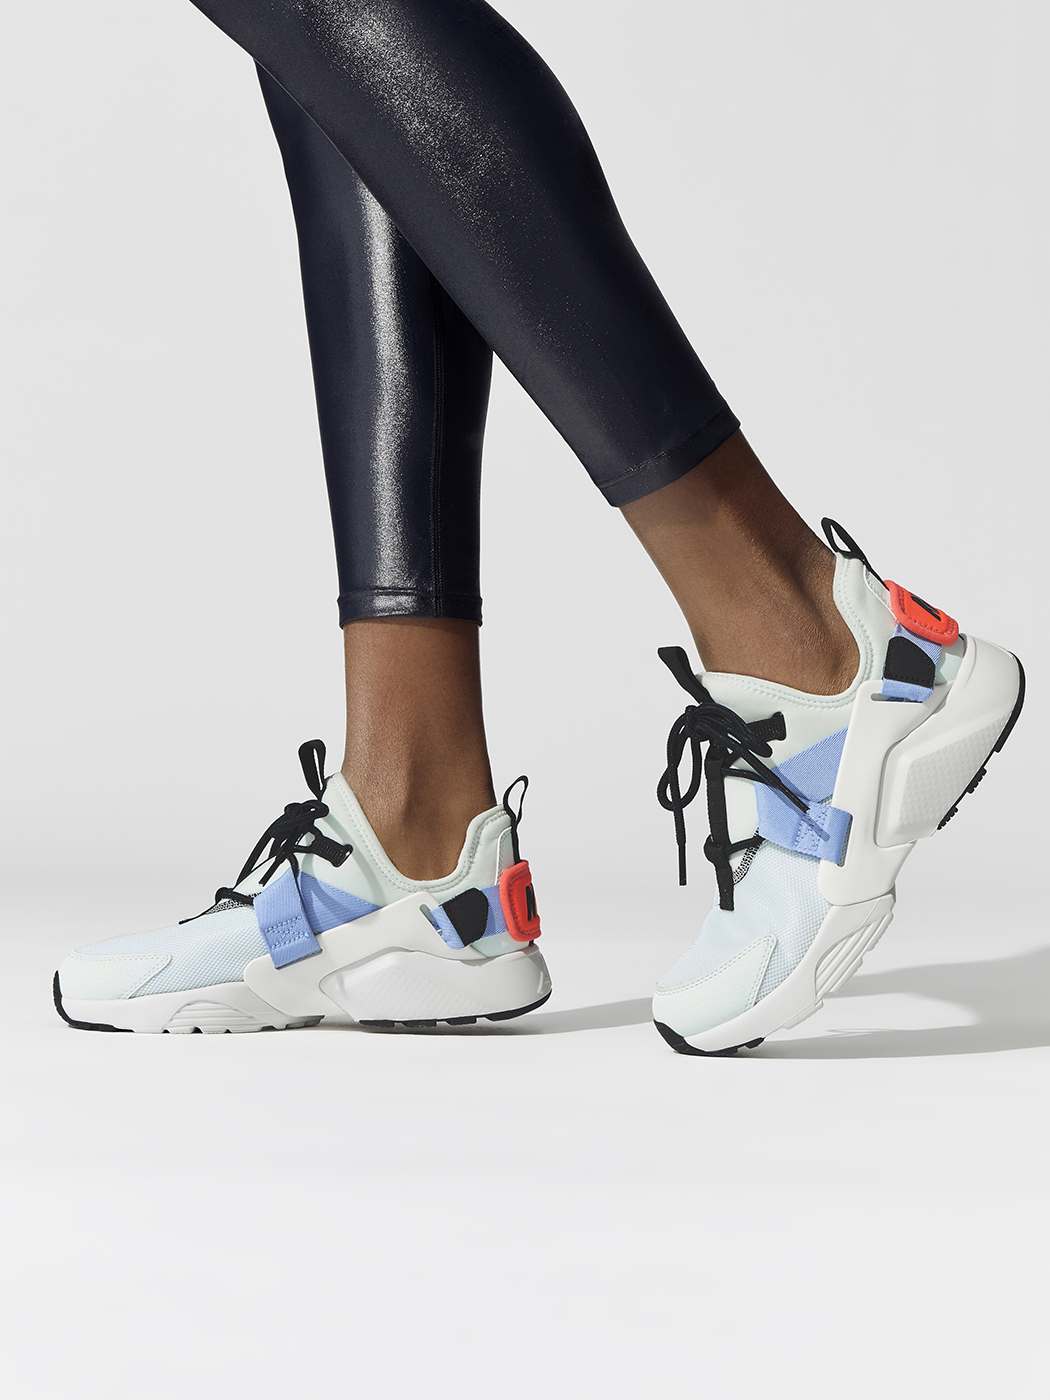 Women's Nike Air Huarache City Low in